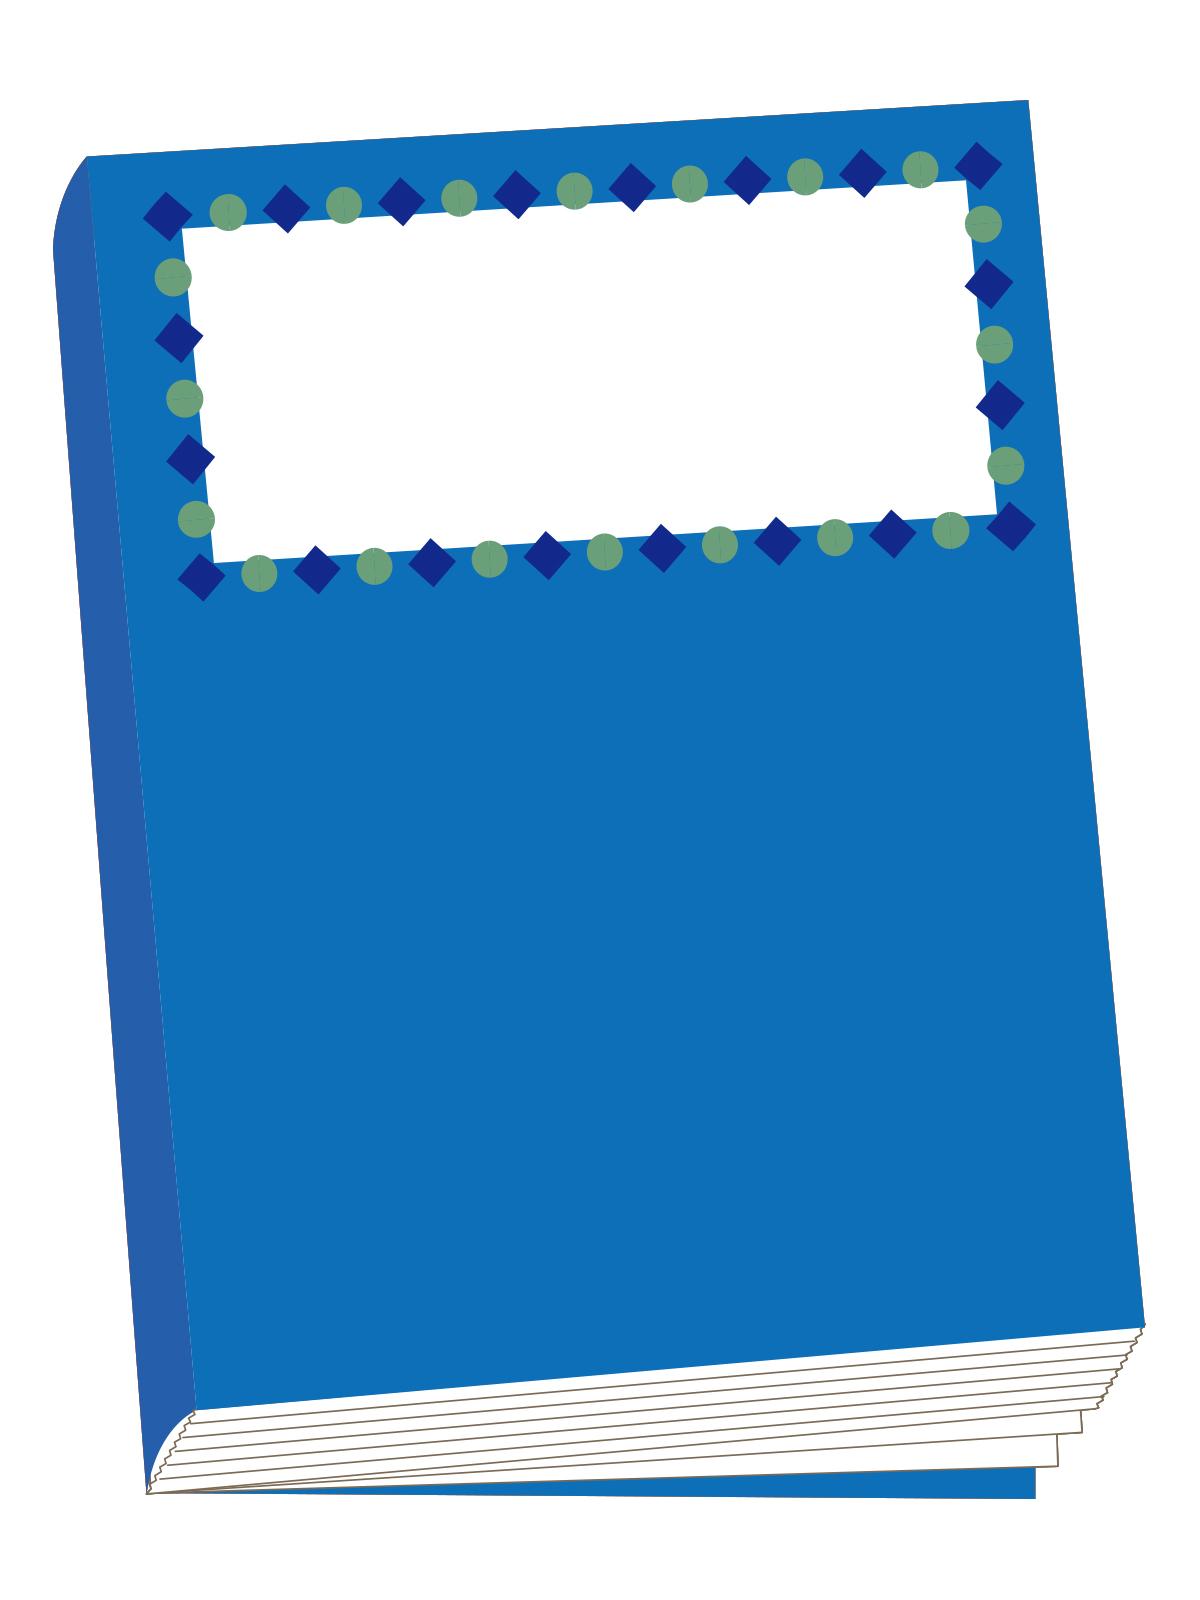 発達障害になると障害者手帳はもらえるの?